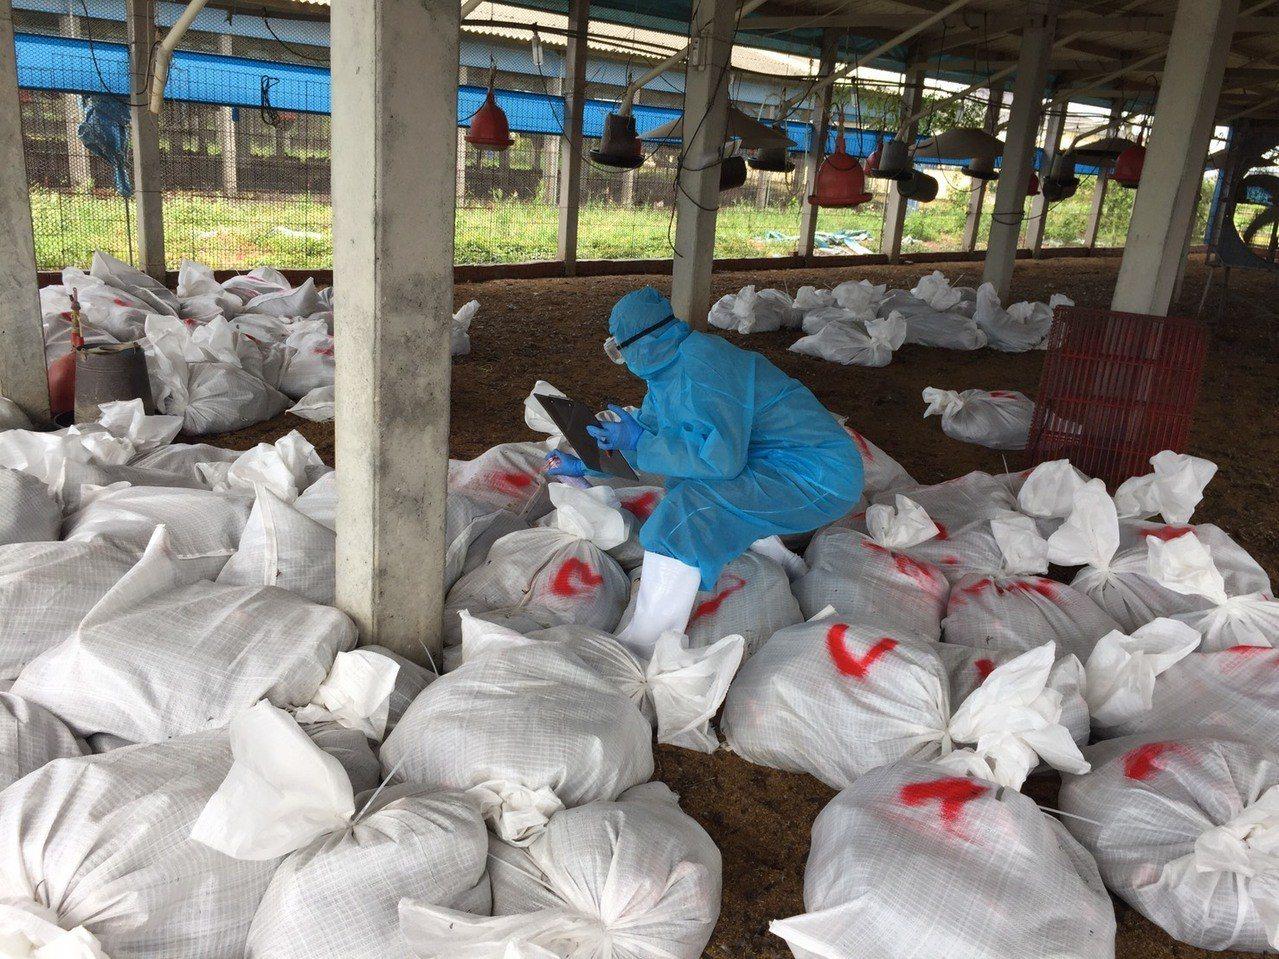 彰化縣是畜禽產業大縣,每年送到化製廠處理的死亡畜禽重量多達1萬多公噸。圖為縣府防...